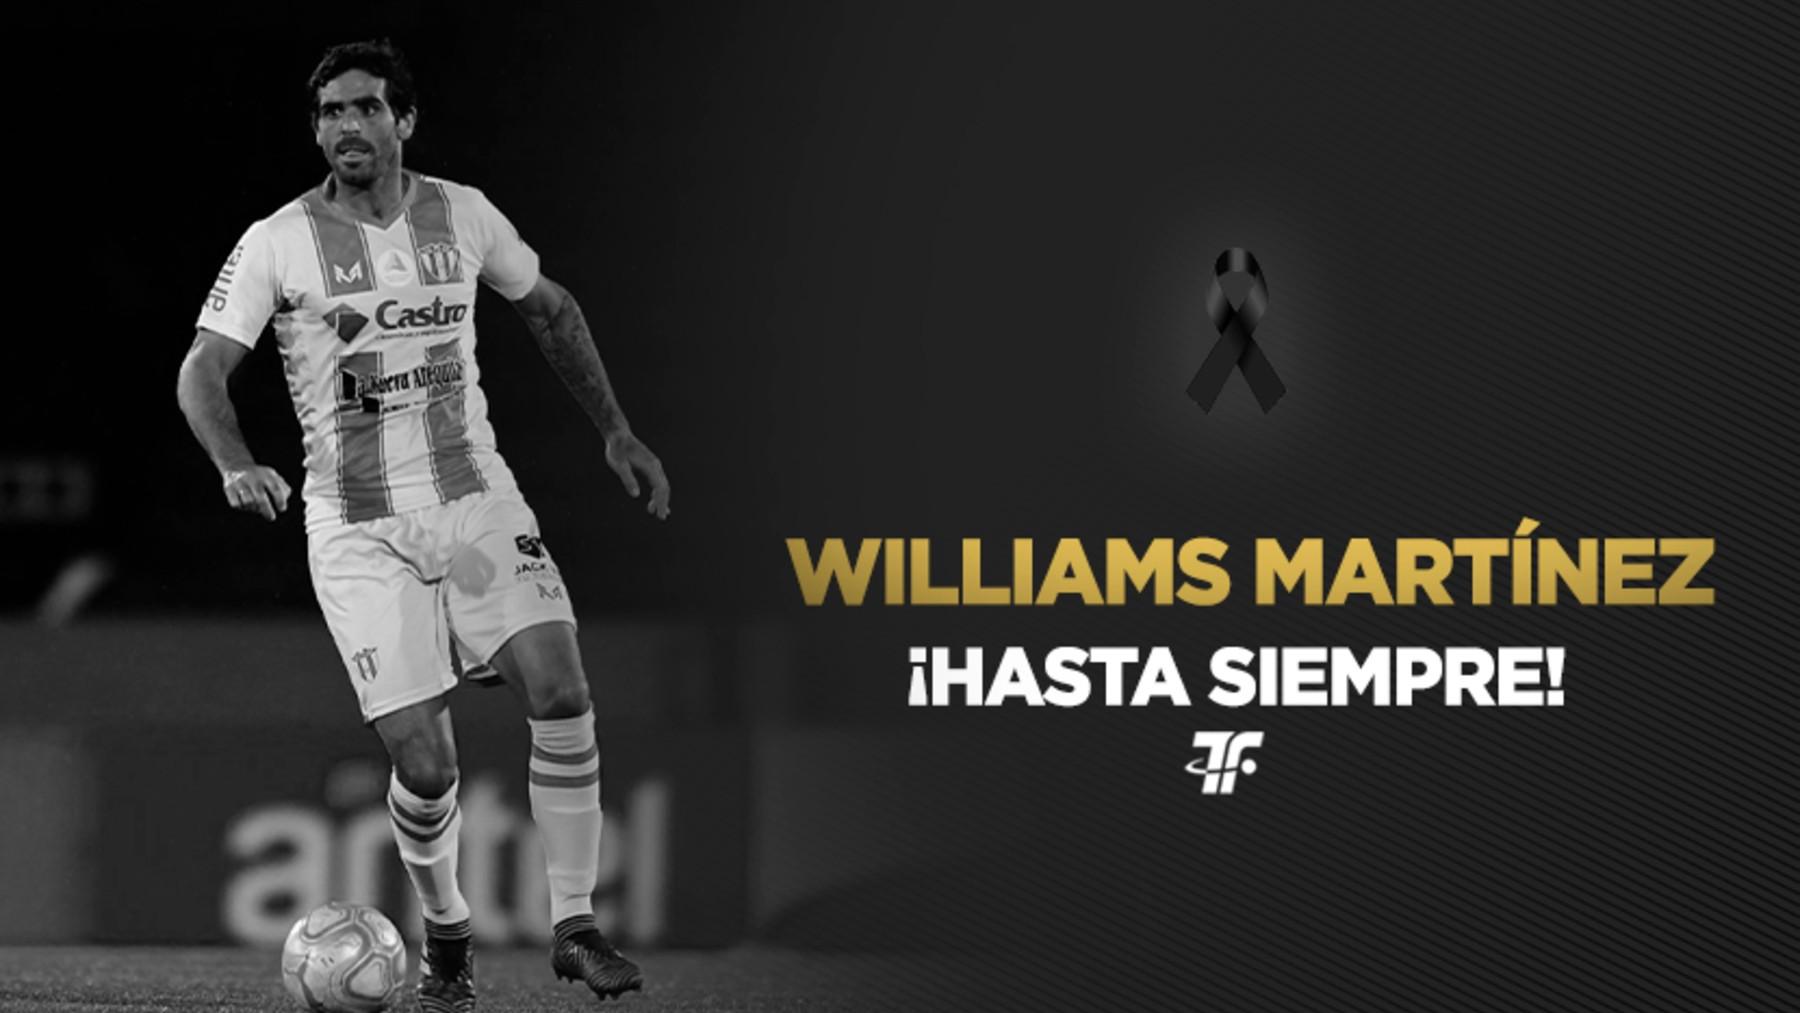 Una de las despedidas desde Uruguay a Williams Martínez. (@tenfieldoficia)